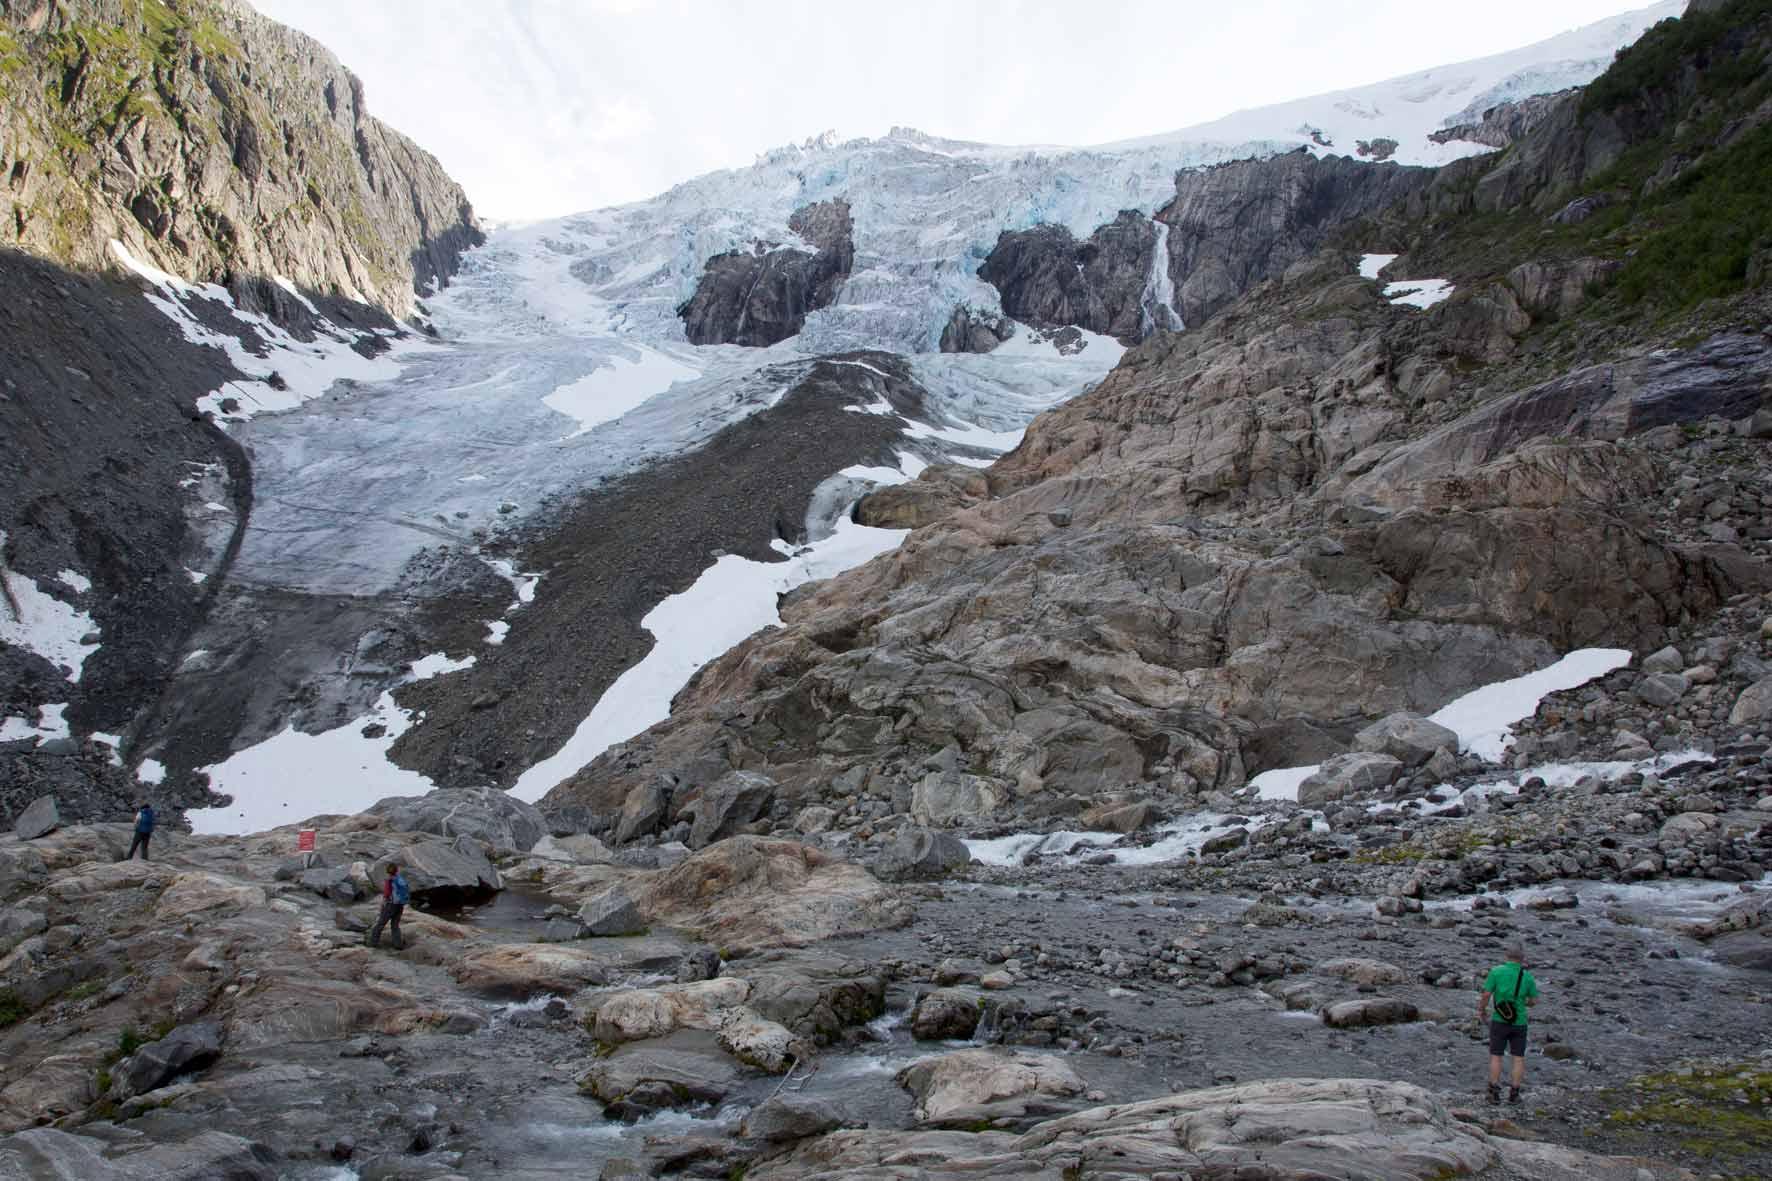 Am Buarbreen, Buerbreen, Folgefonna, Gletscher bei Odda, Norwegen